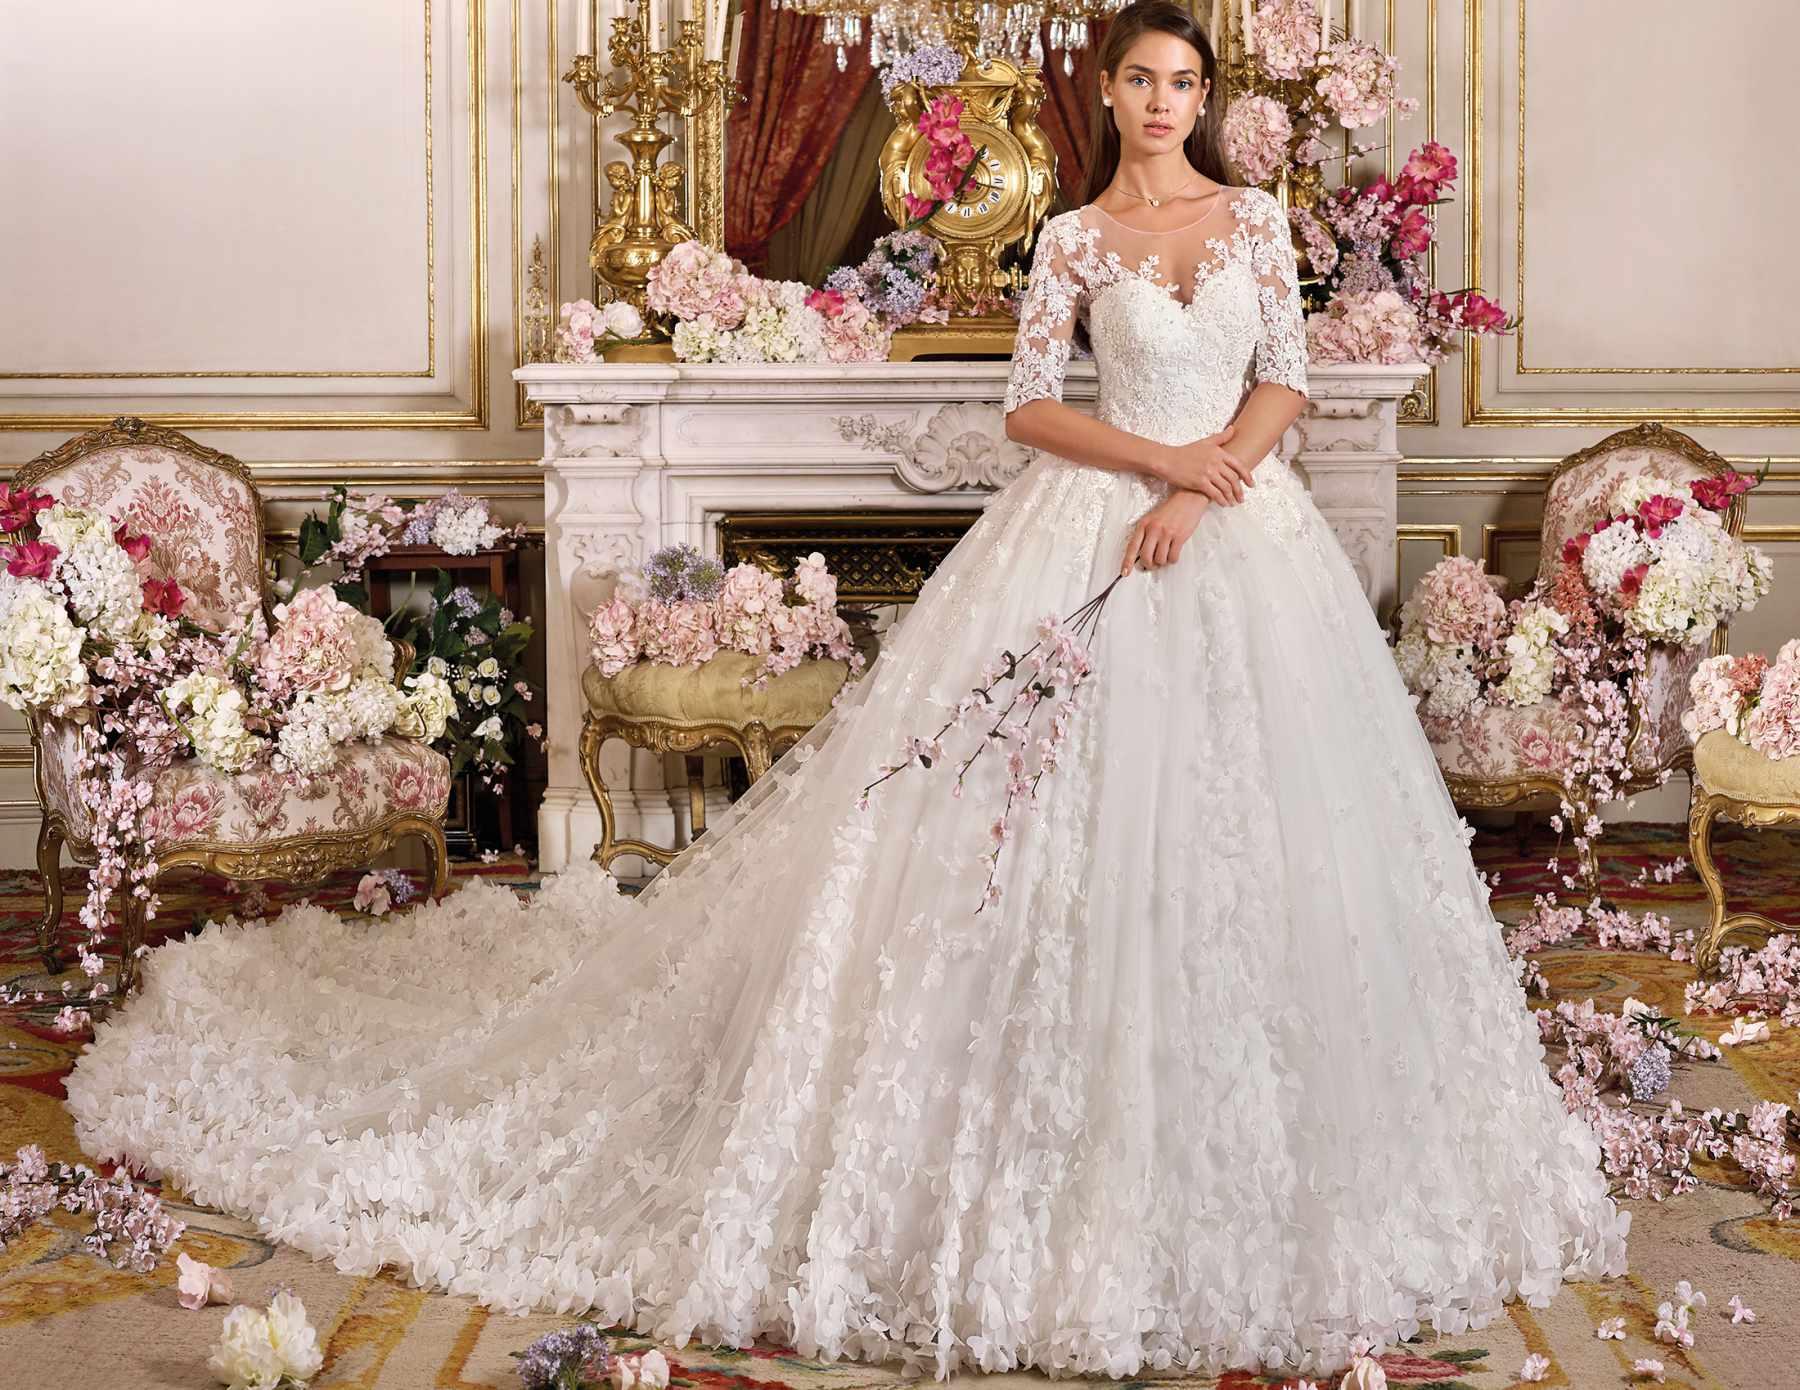 ESTILO-FLORAL-Demetrios-1 Tendências para vestidos de noiva em 2019